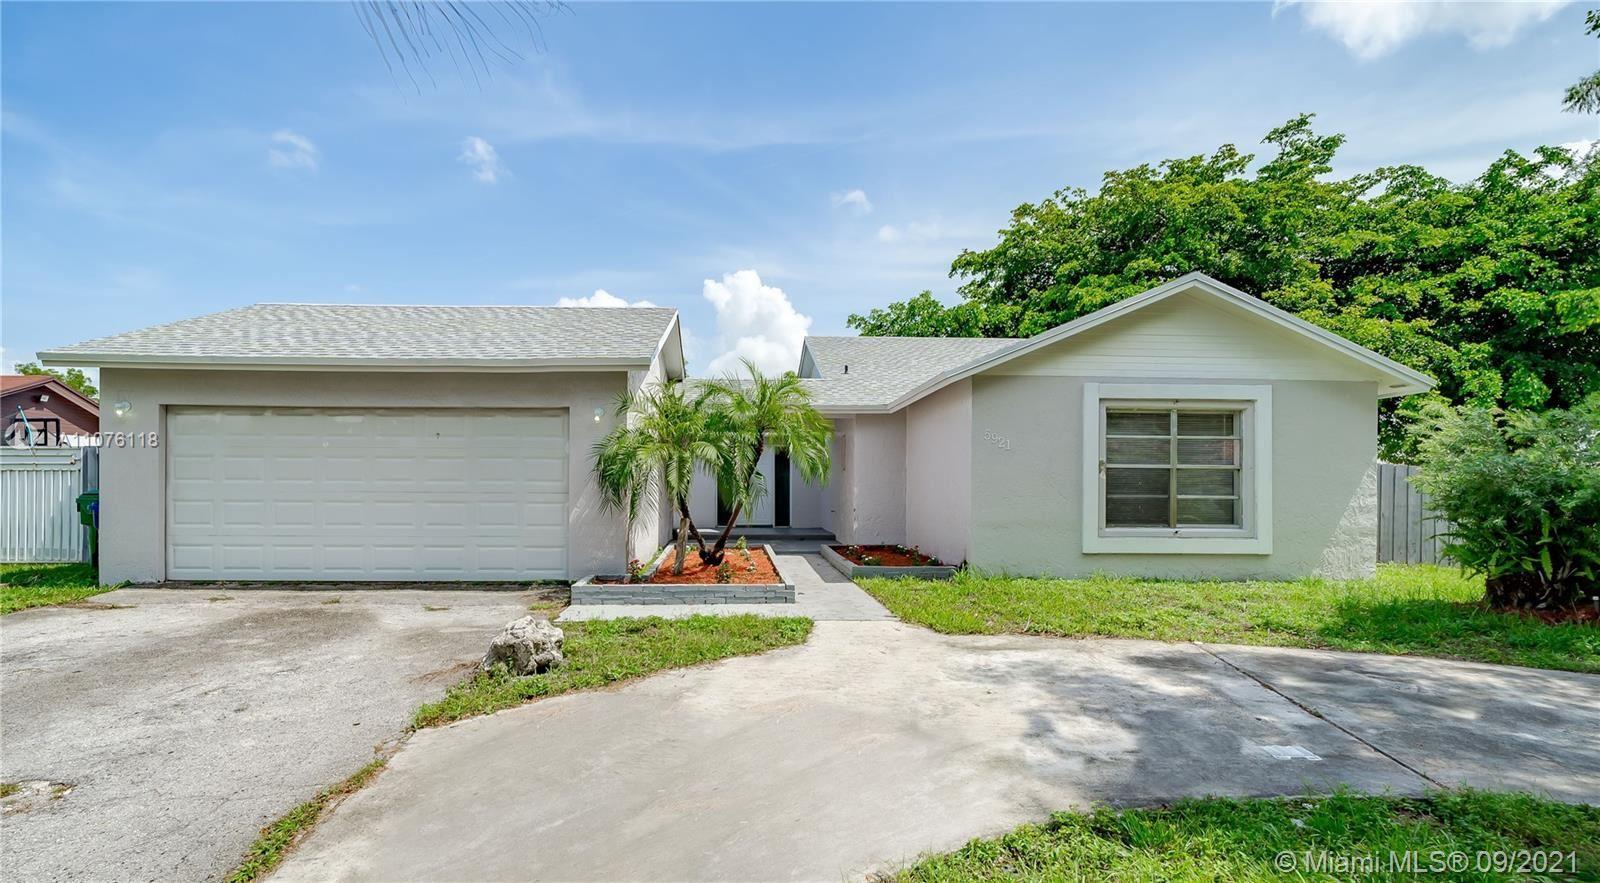 5921 NW 193rd St, Hialeah, FL 33015 - #: A11076118